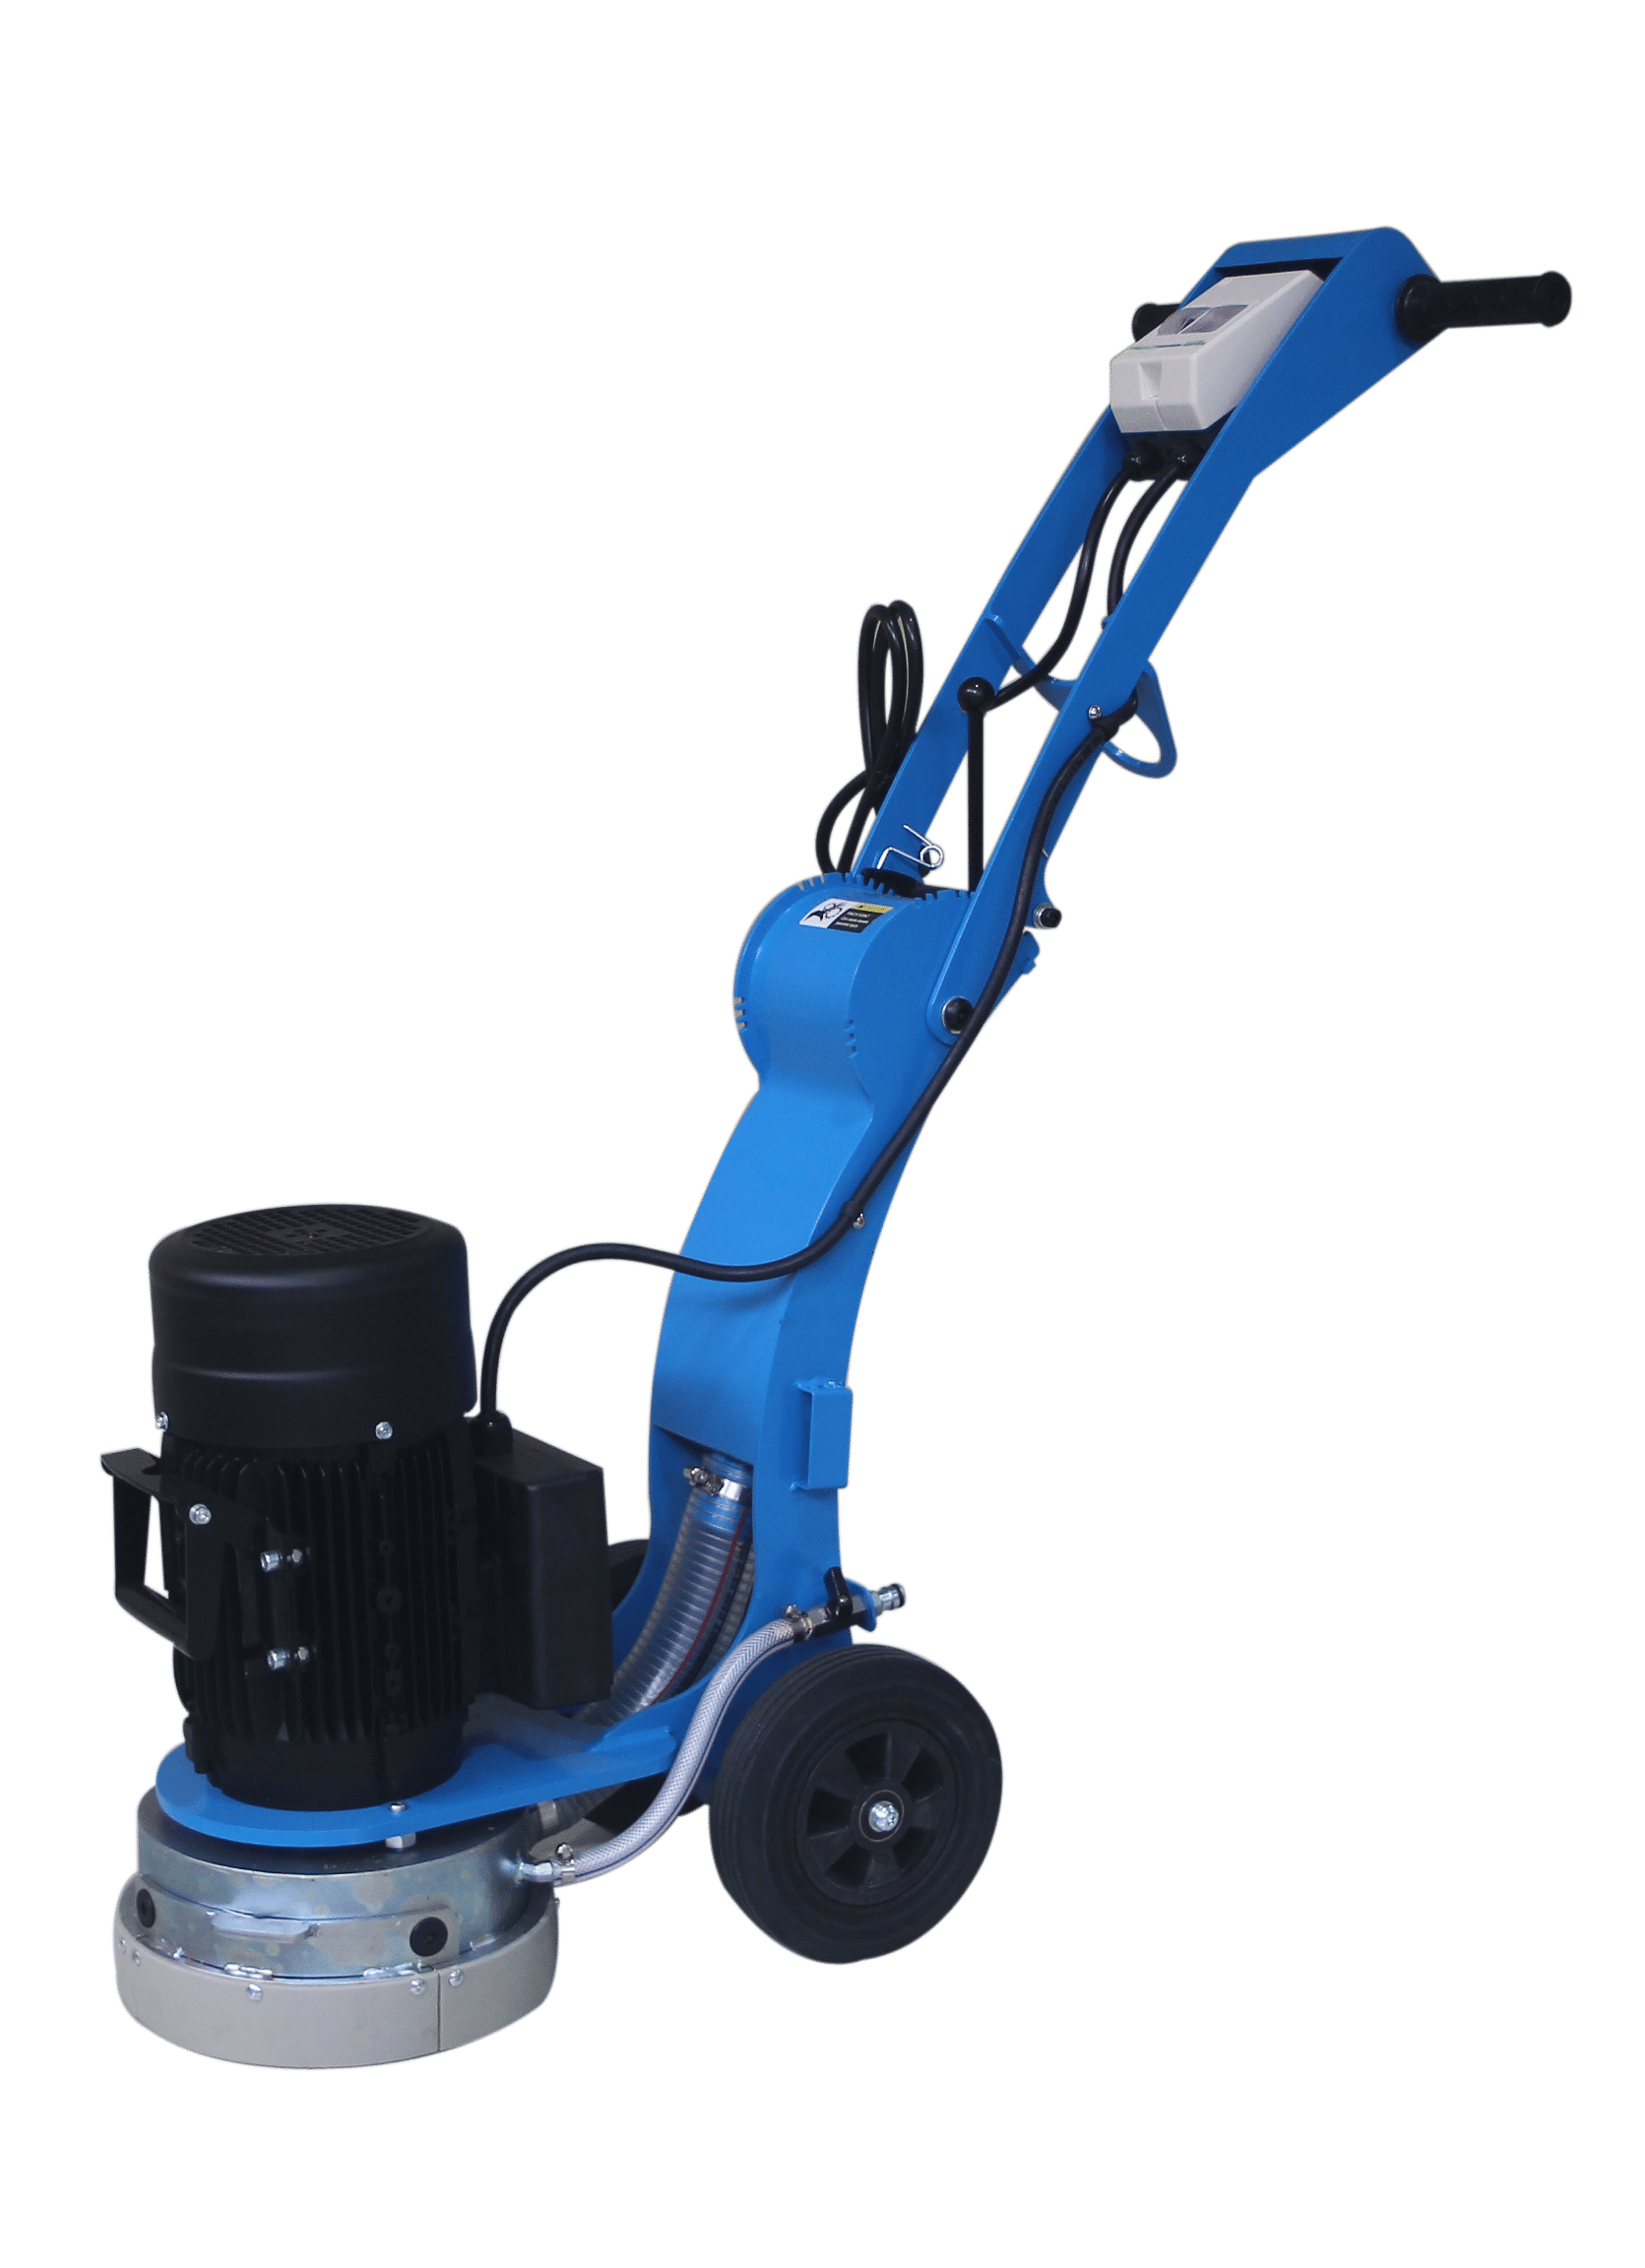 Bycon DFG-250 110v Grinder